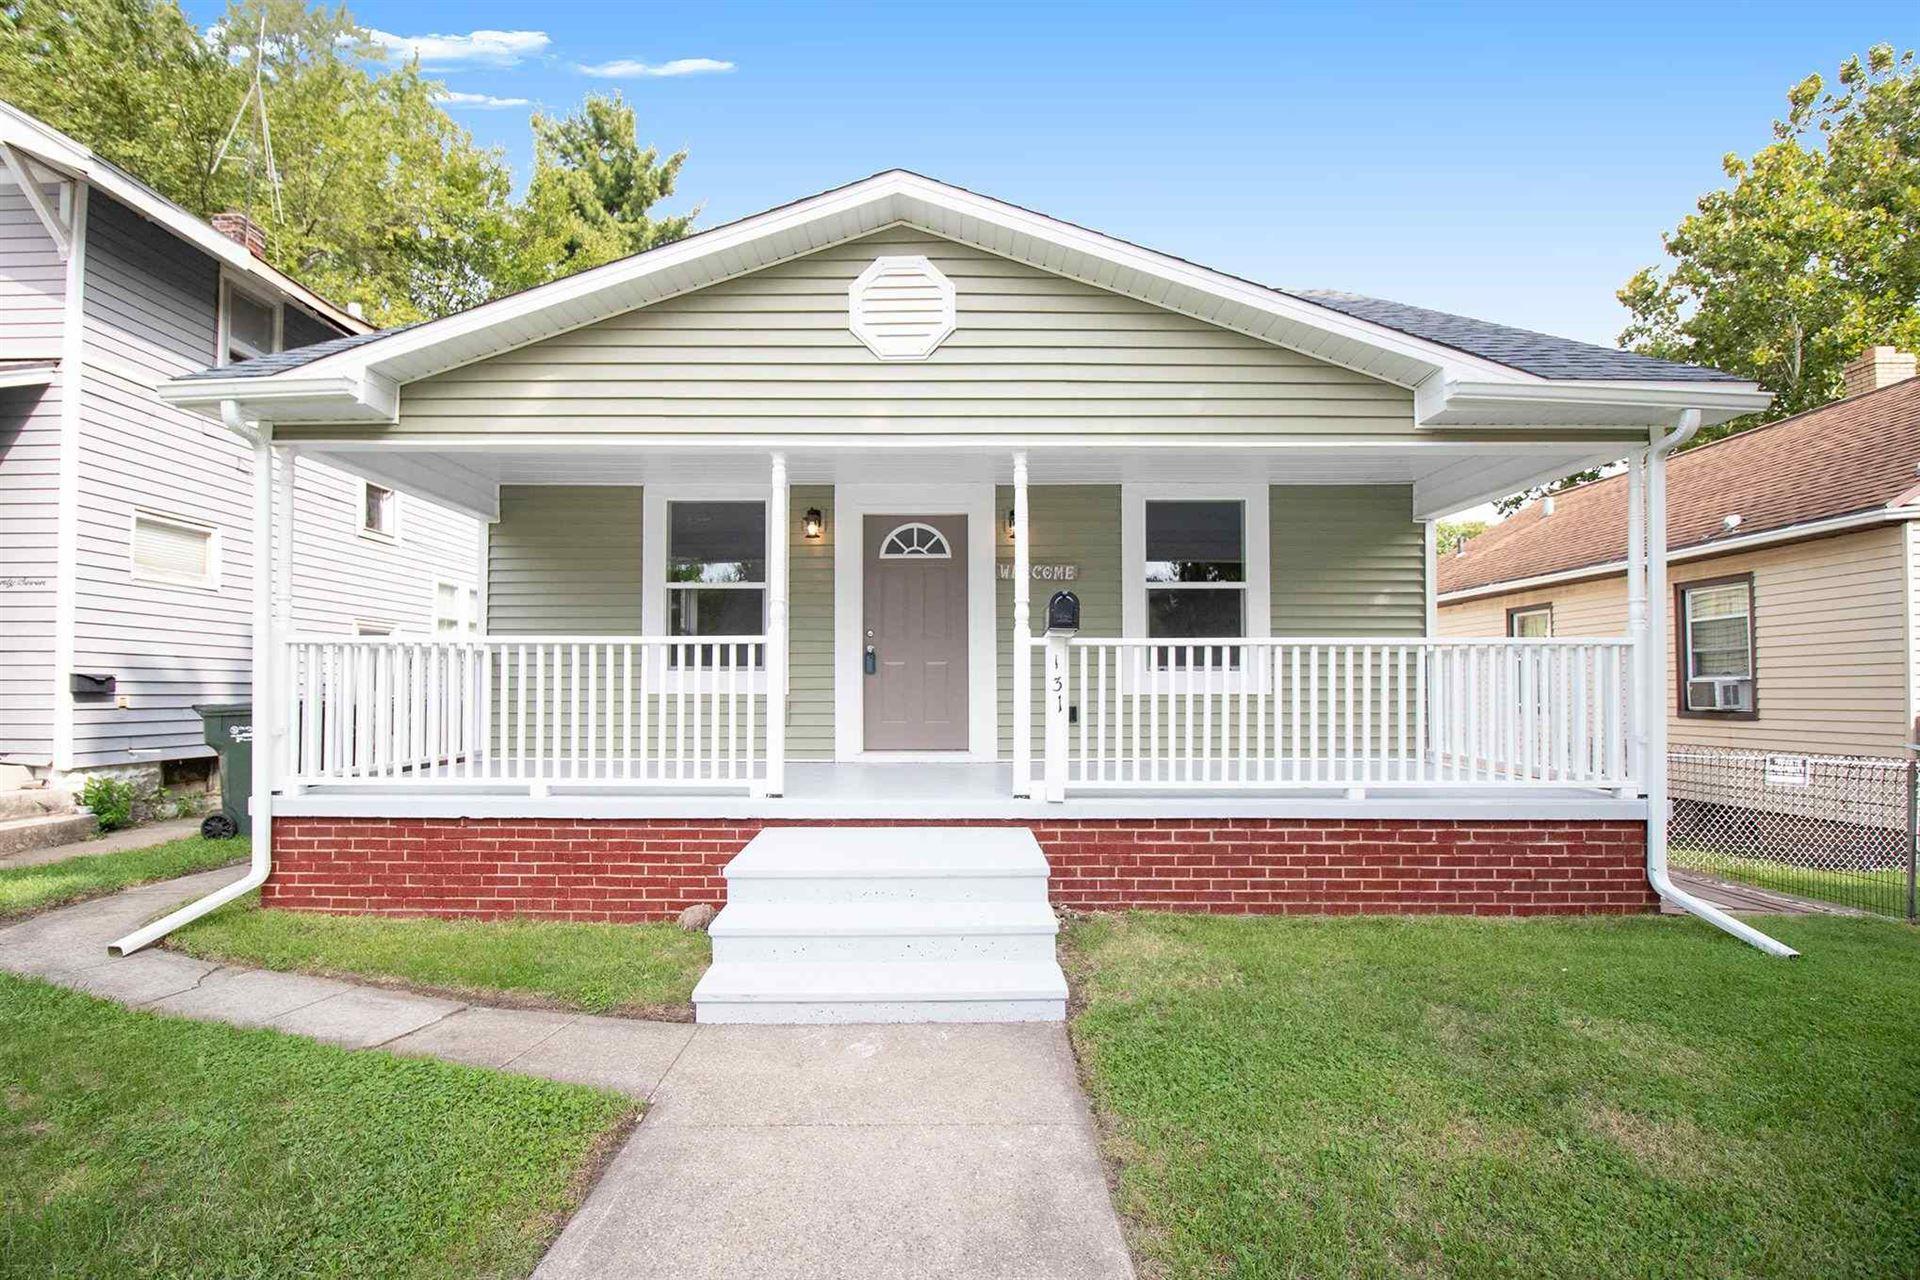 131 E Ewing Avenue, South Bend, IN 46613 - #: 202037638